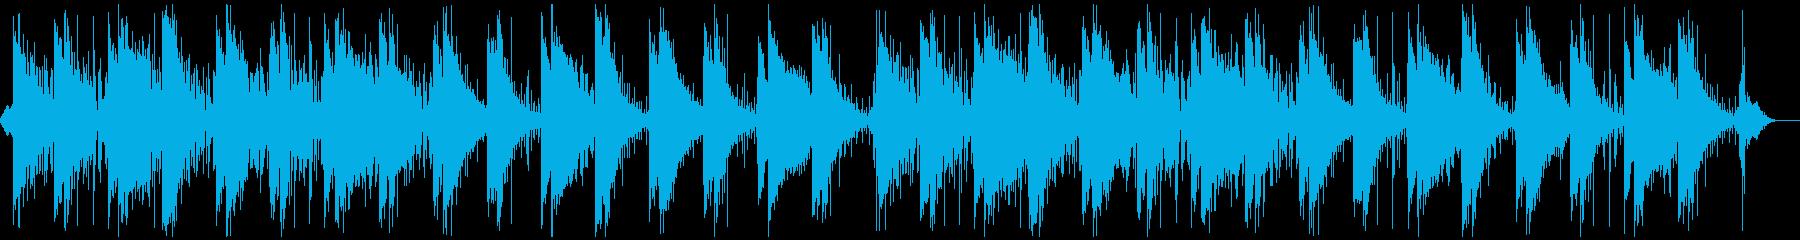 ラウンジ まったり 実験的な モダ...の再生済みの波形